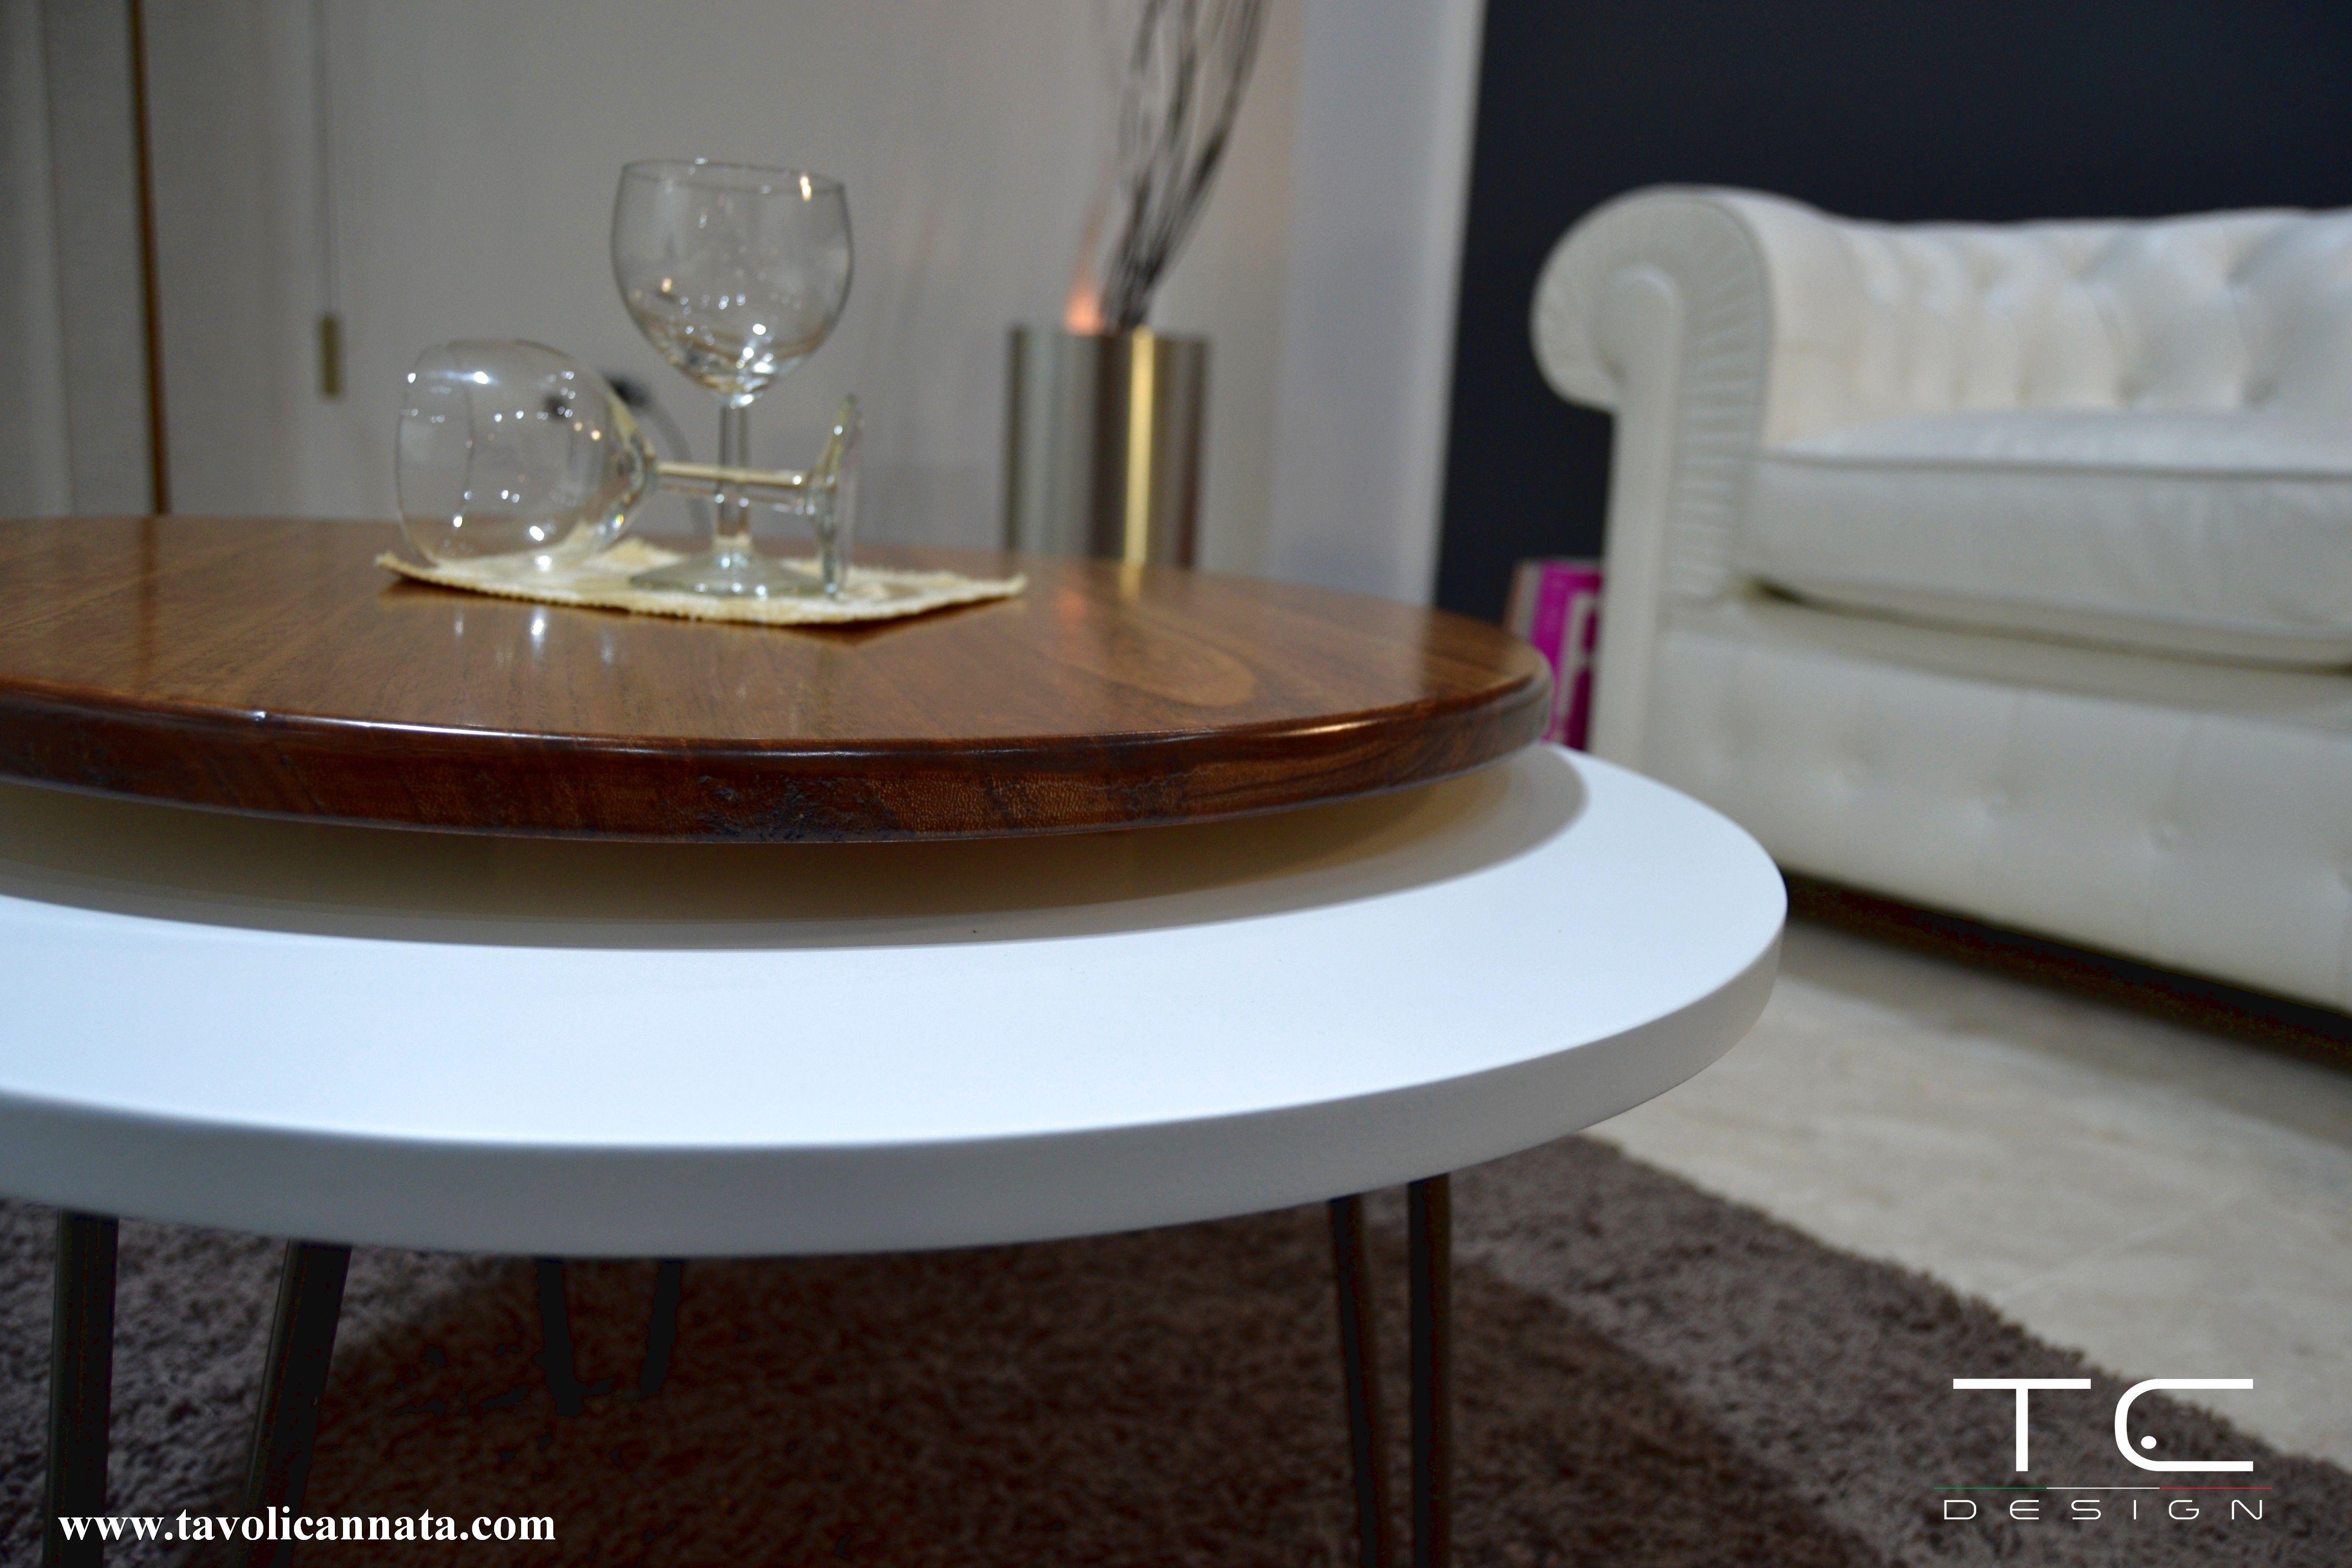 Tavolino Da Salotto Moderno Bianco.Tavolini Da Salotto Tavolino Portariviste Tavolino Per